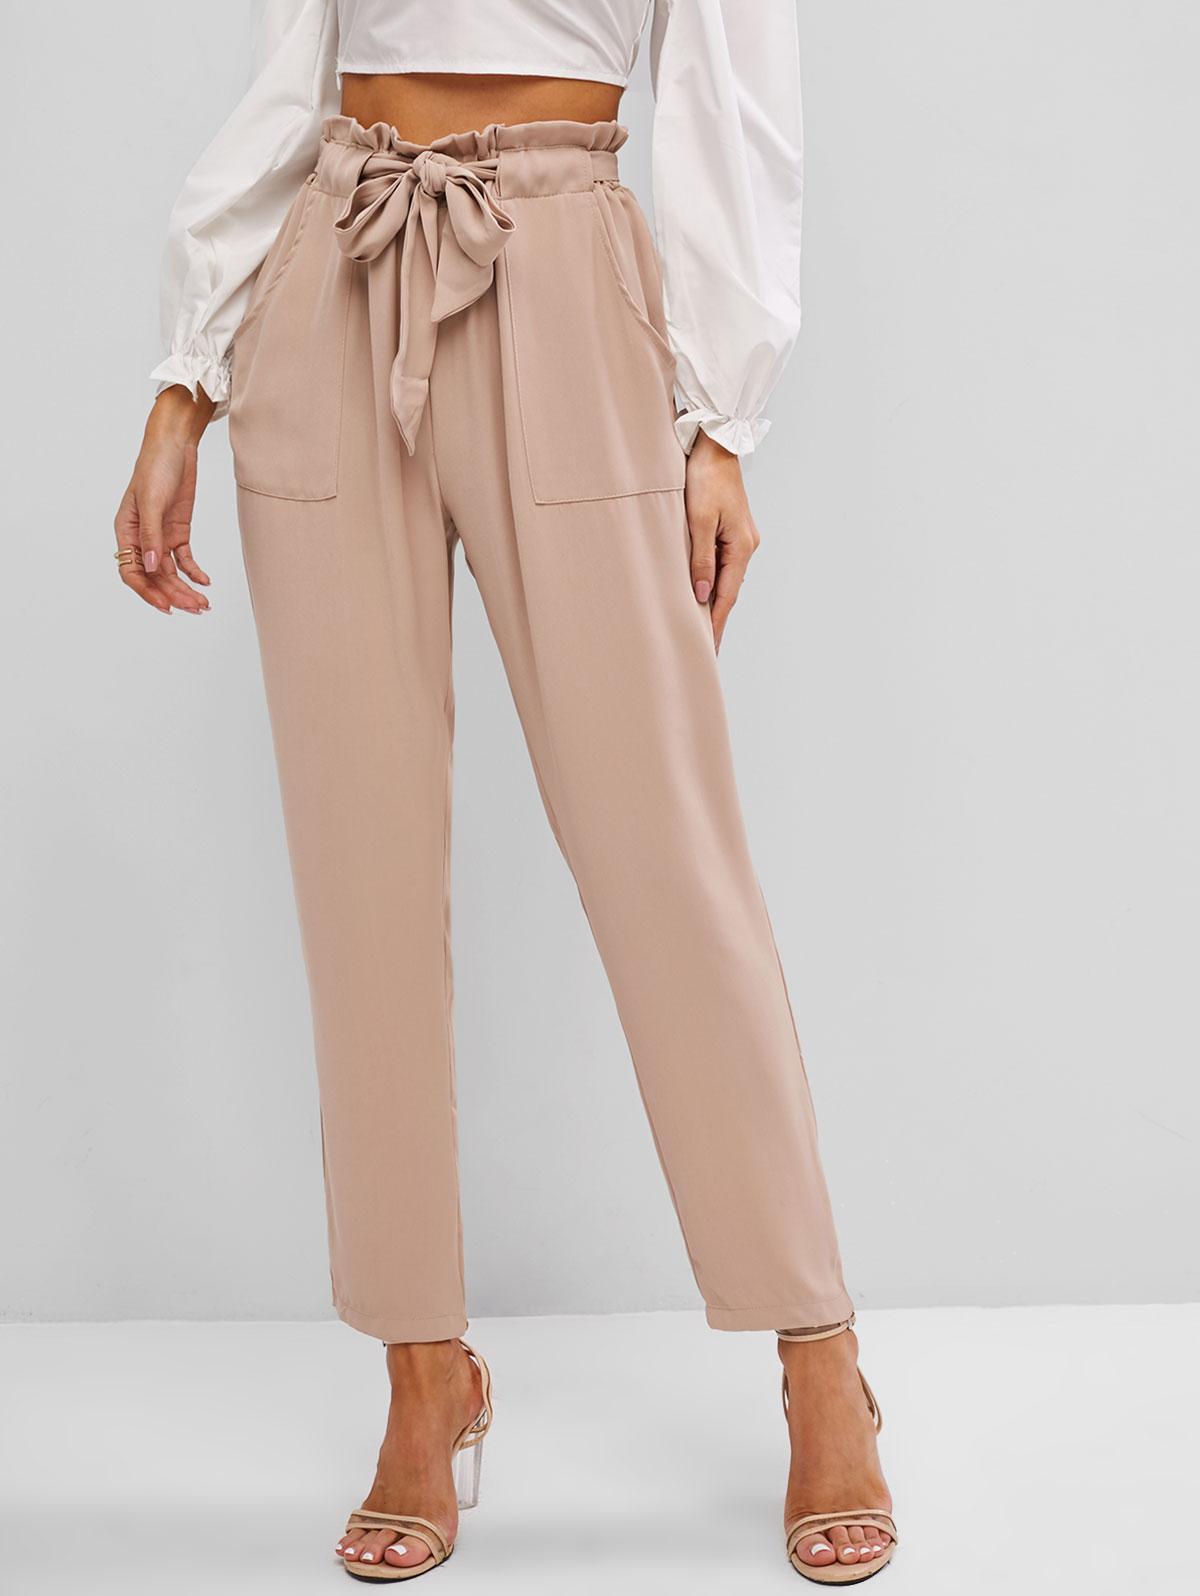 Slant Pockets Belted Paperbag Pants